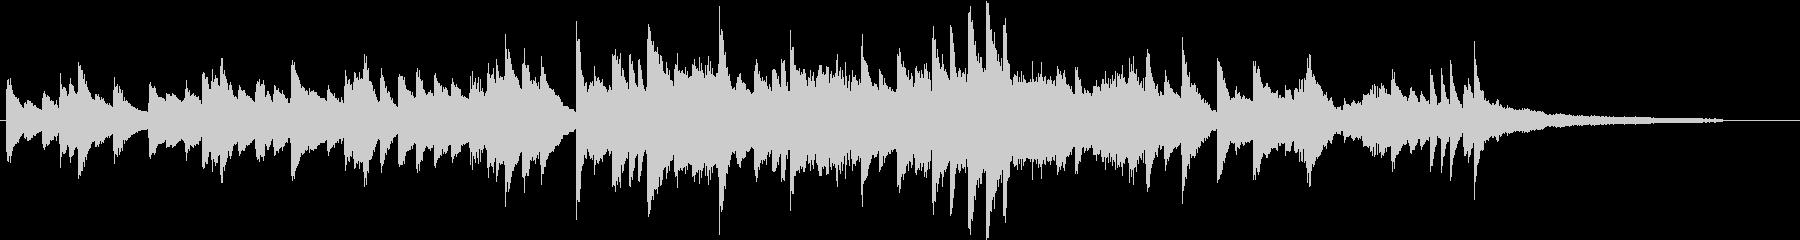 澄み渡る和音のメロディアスピアノジングルの未再生の波形